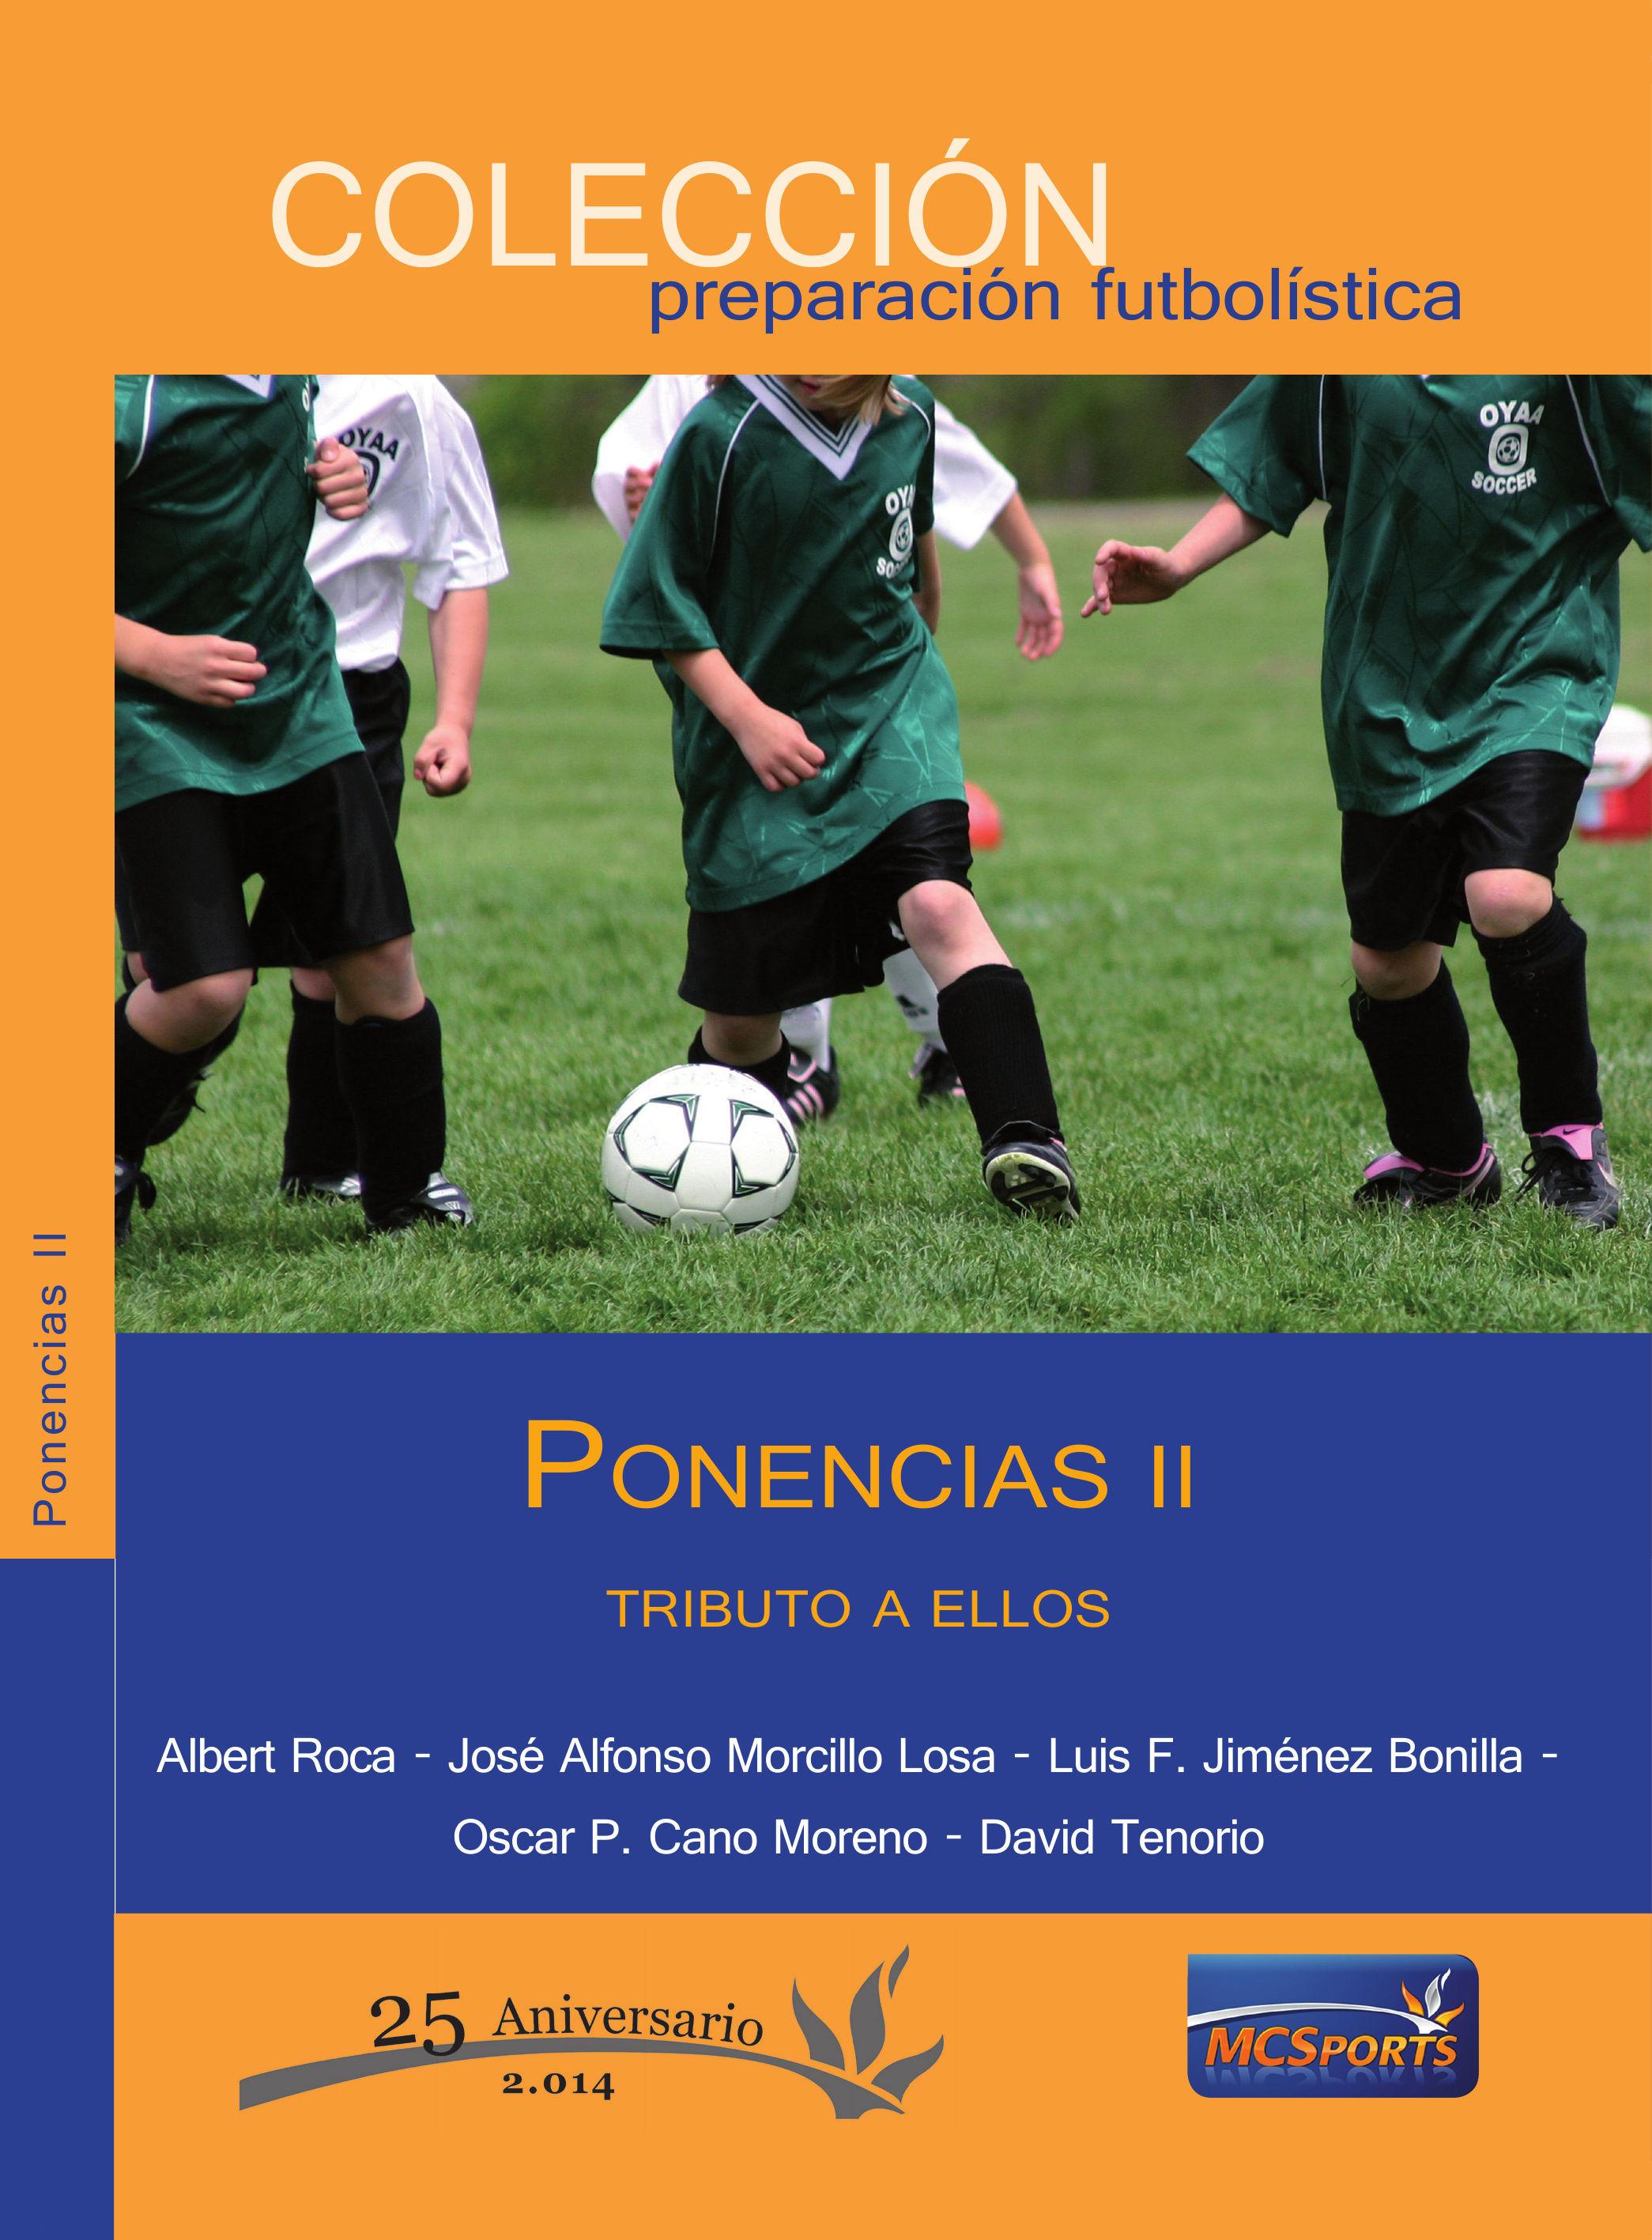 PONENCIAS II. TRIBUTO A ELLOS